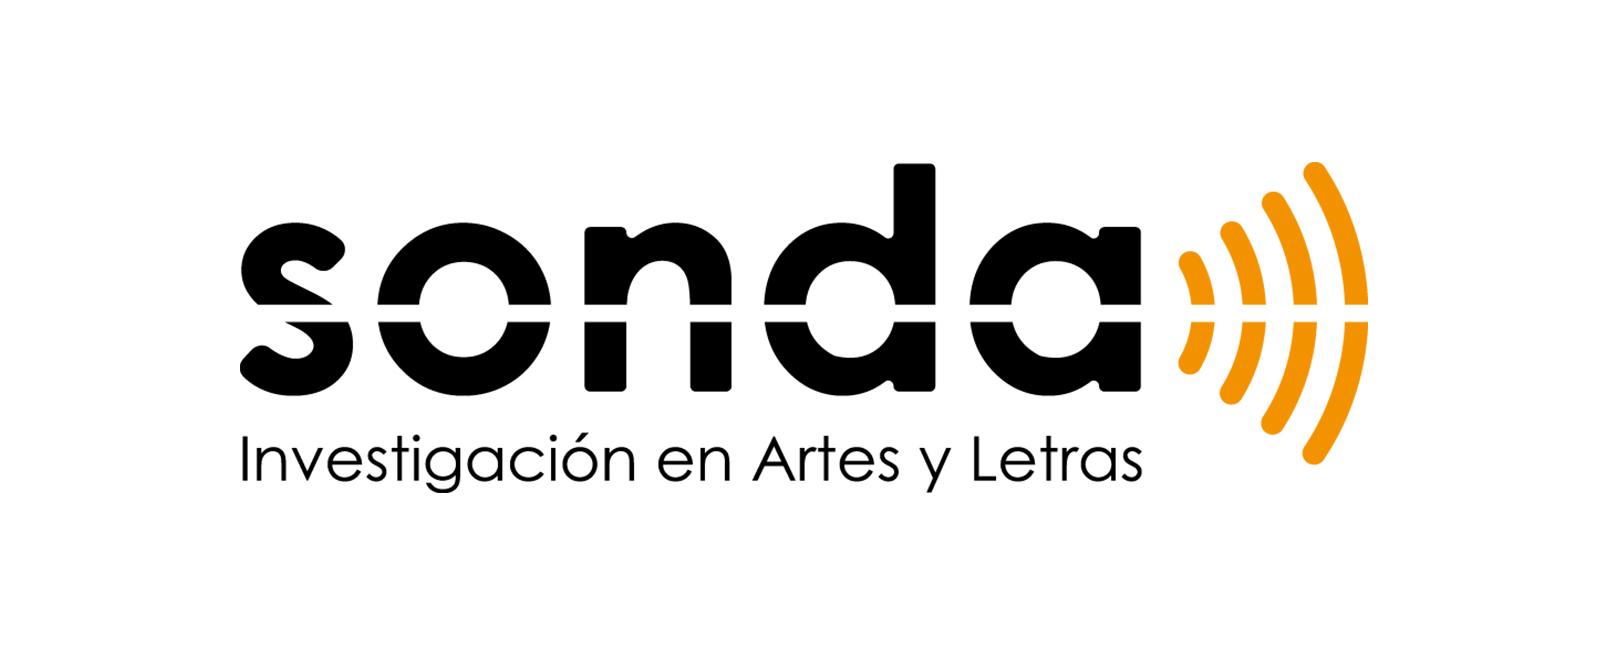 Llamada a la publicación (call for papers)